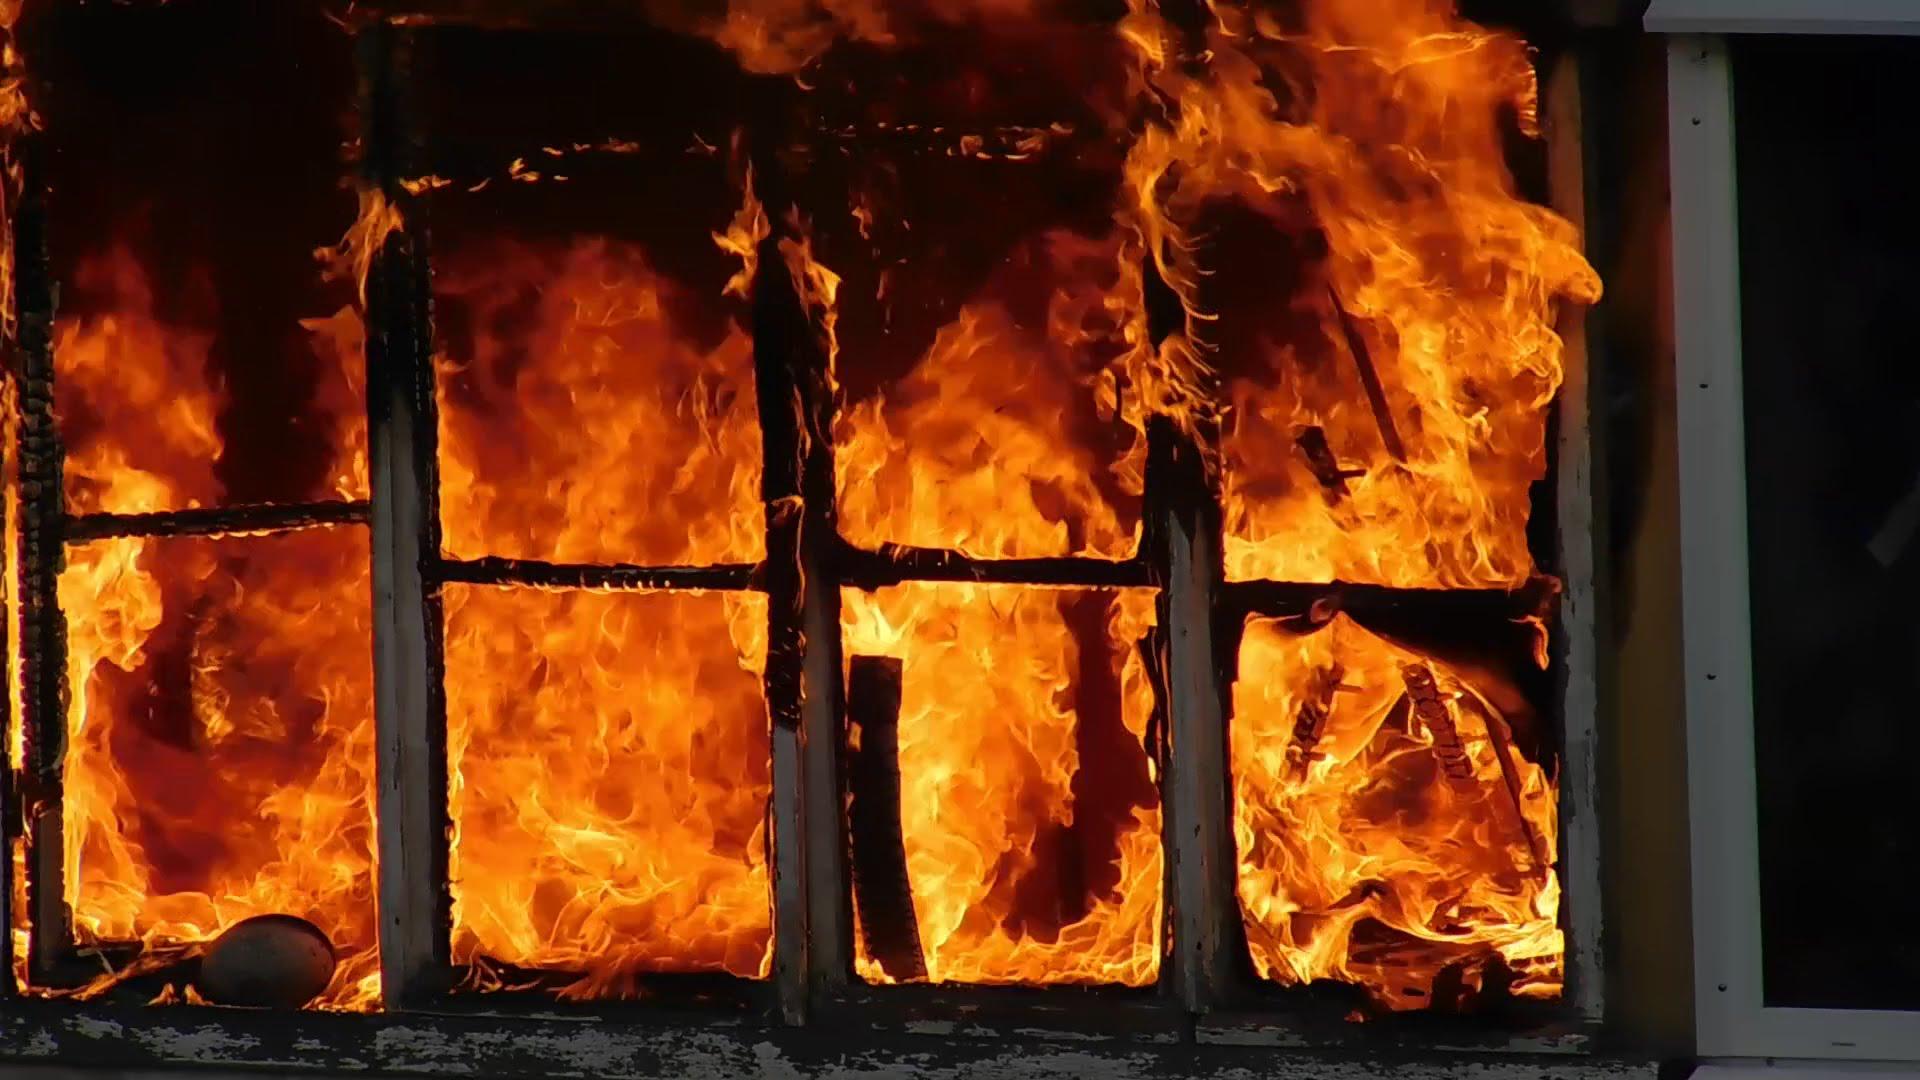 Пожар в жилом доме: женщина не смогла выбраться самостоятельно. Новости Днепра